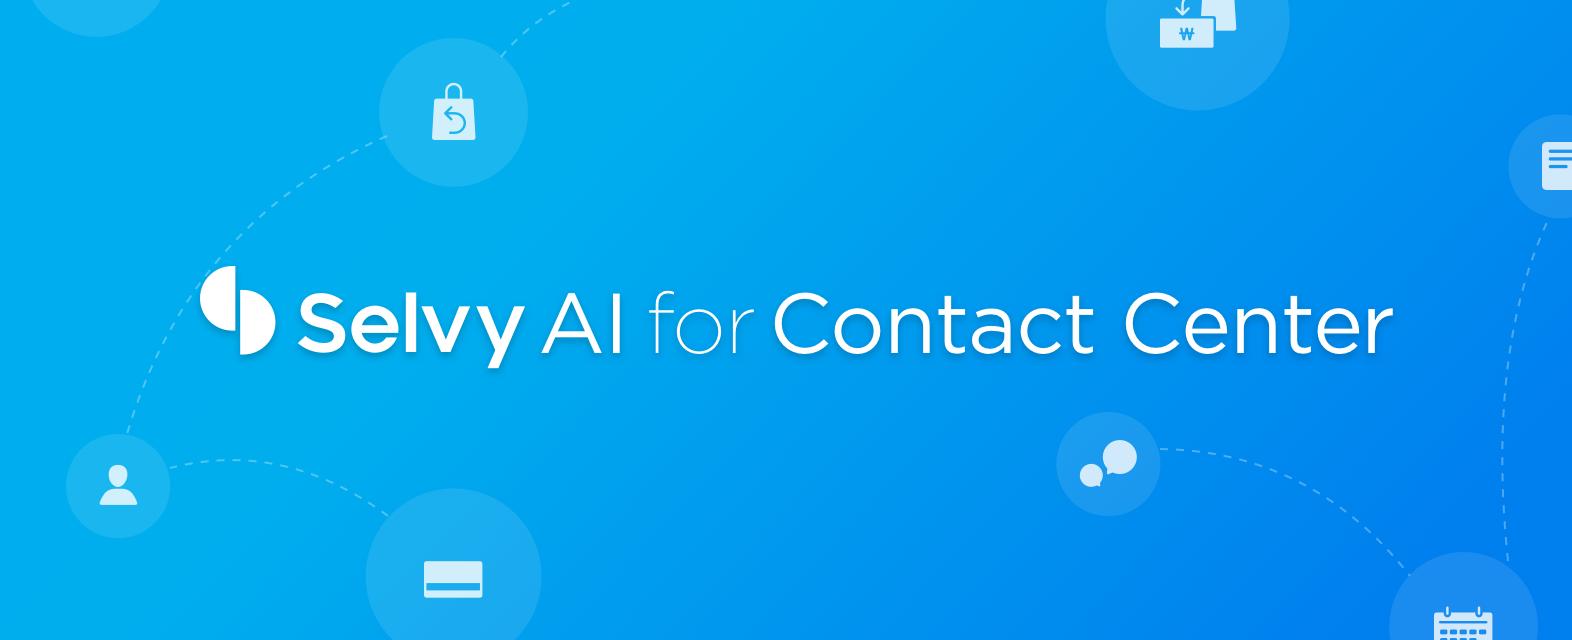 유통, 이커머스, 금융 등 비지니스에 최적화된 고객센터 Selvy AI for Contact Center